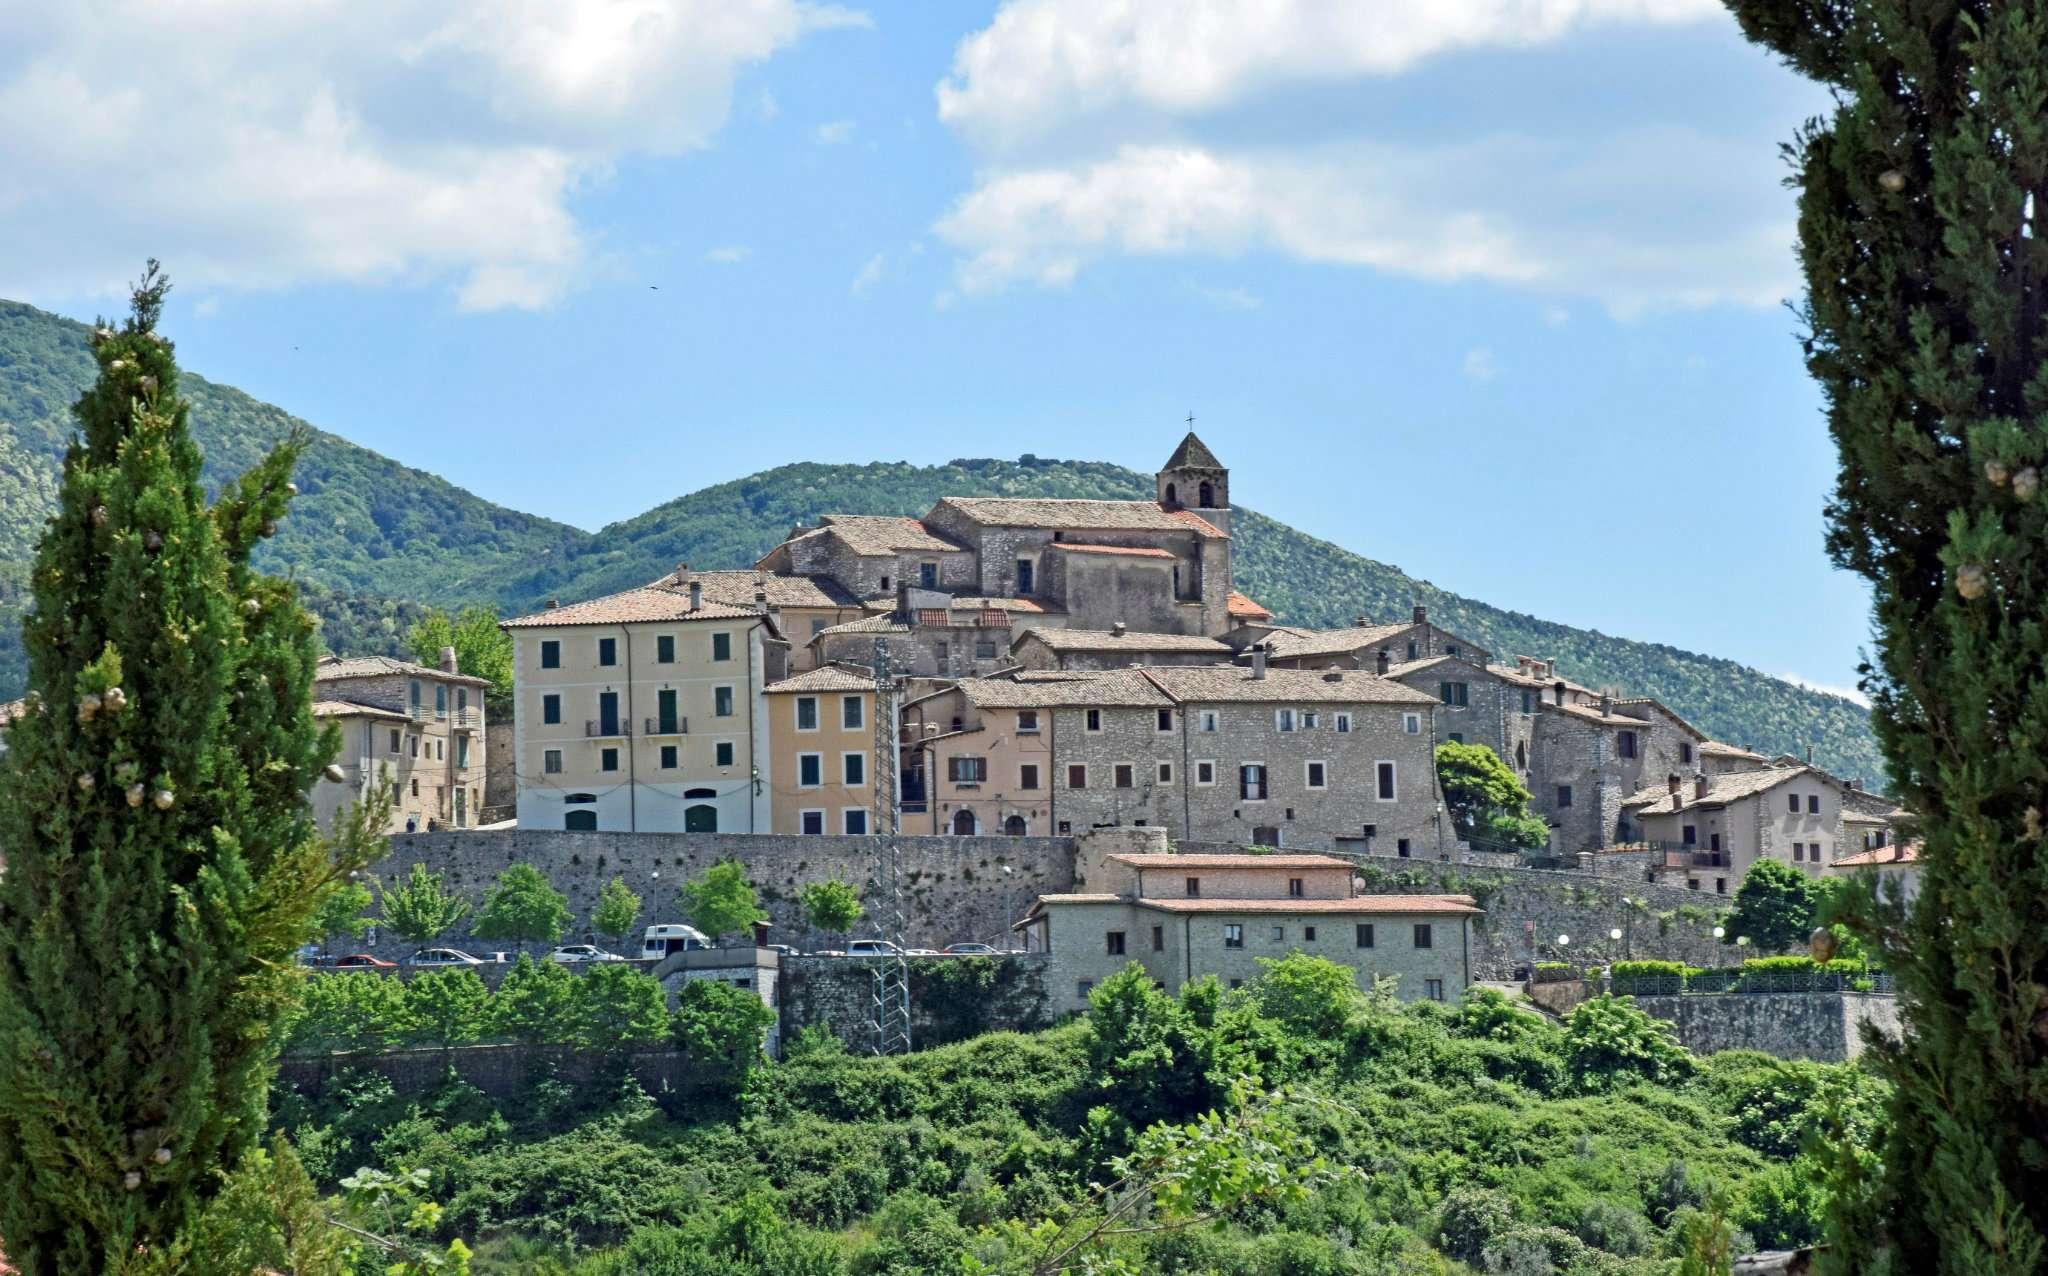 Villa in vendita a Cottanello, 7 locali, prezzo € 189.000 | Cambio Casa.it